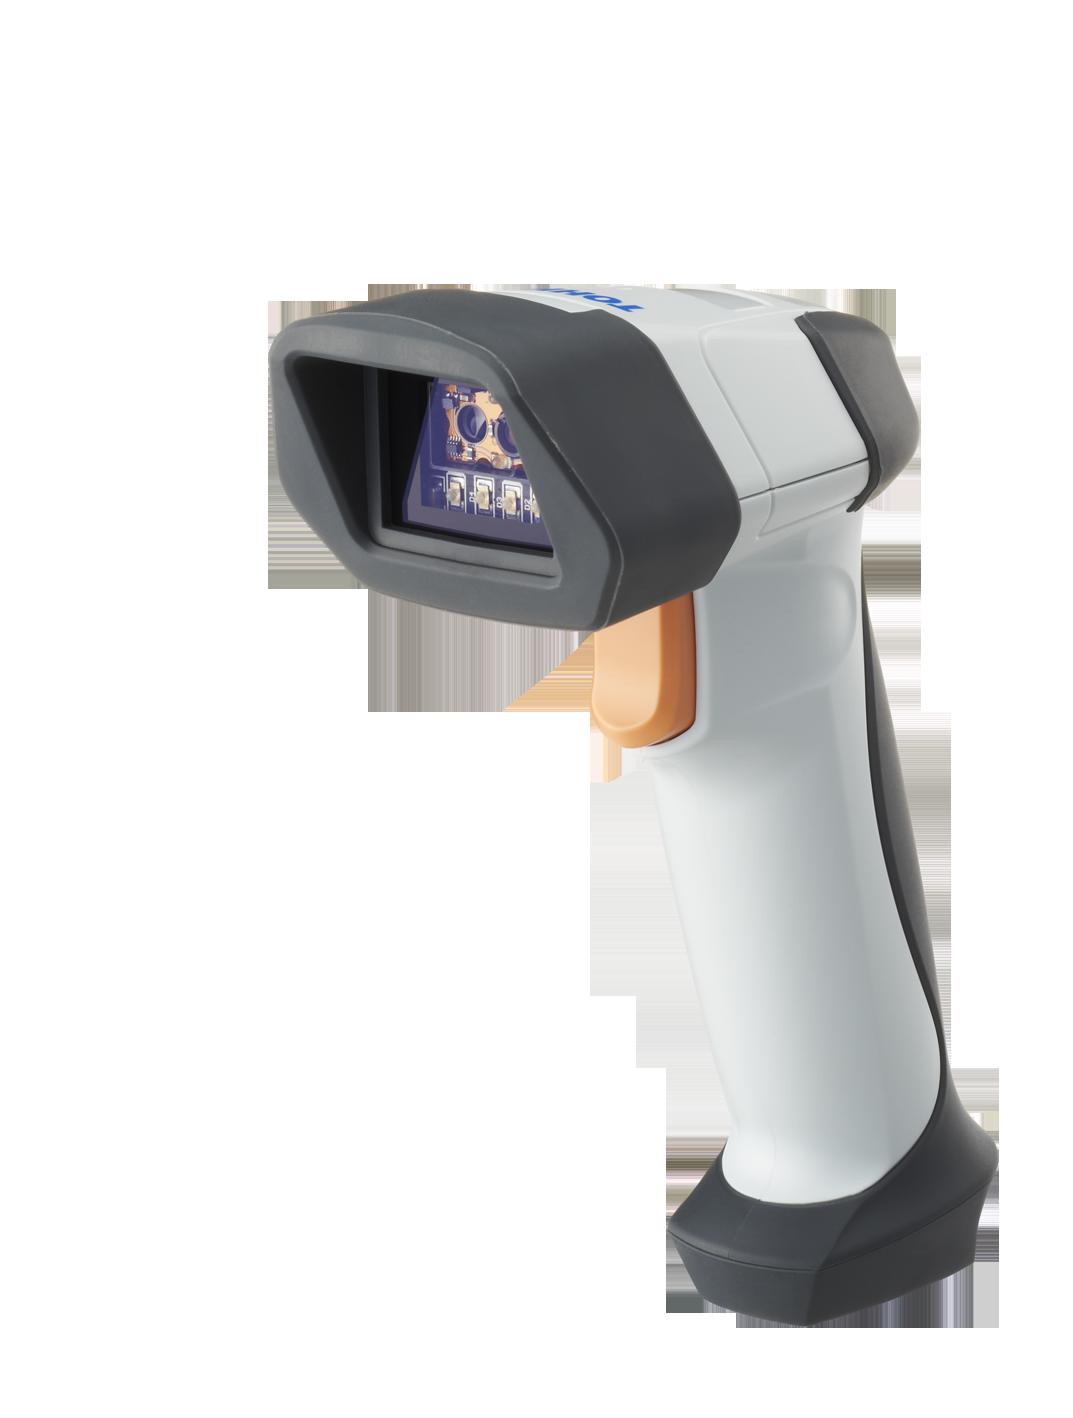 TOHEKN THIR-6780二维条码扫描器